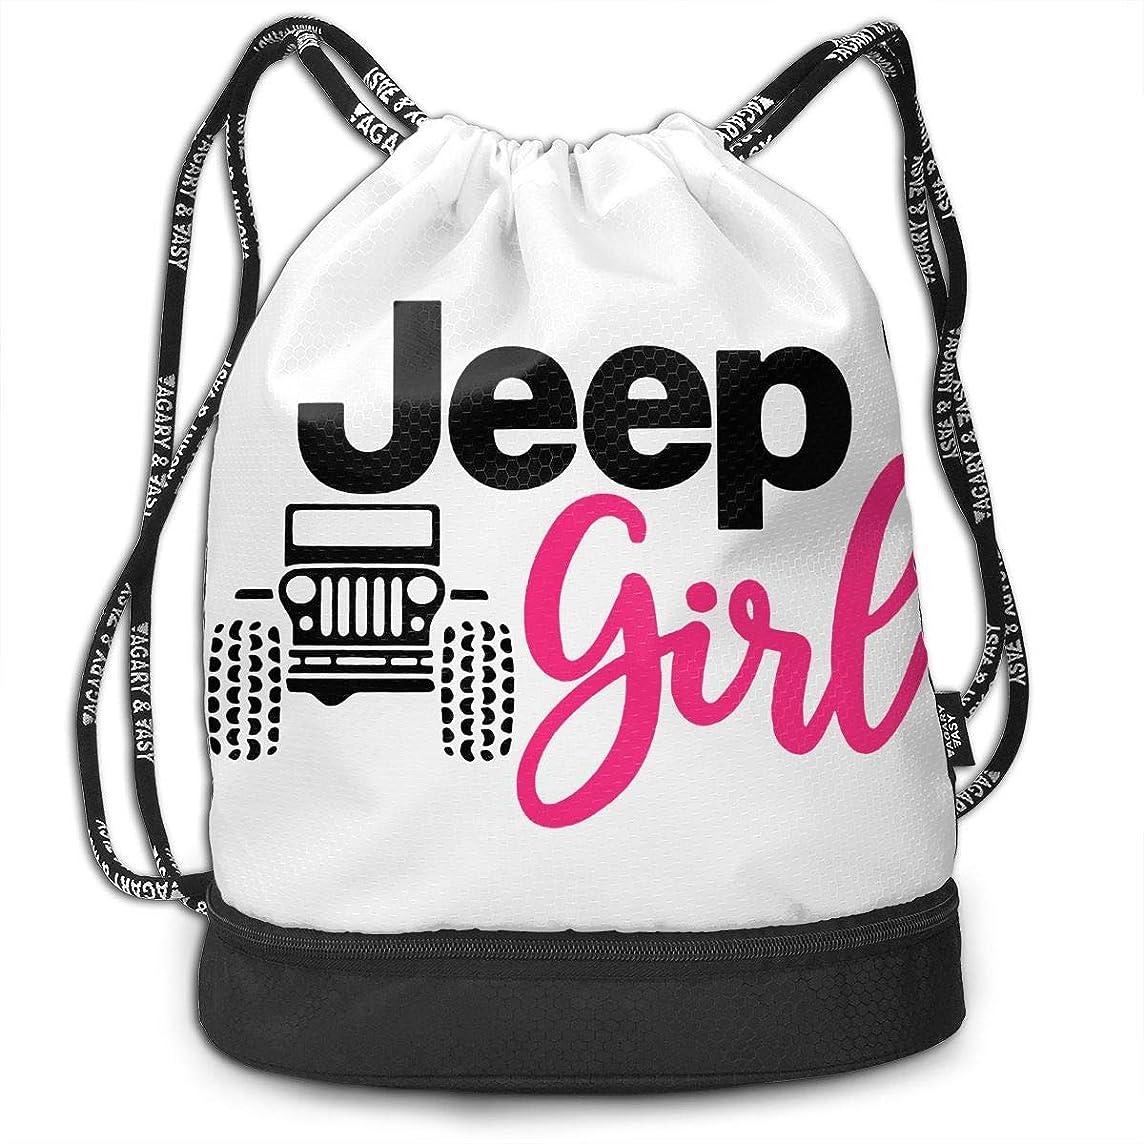 Jeep Girl Bundle Backpack Funny Cosmetic Bag